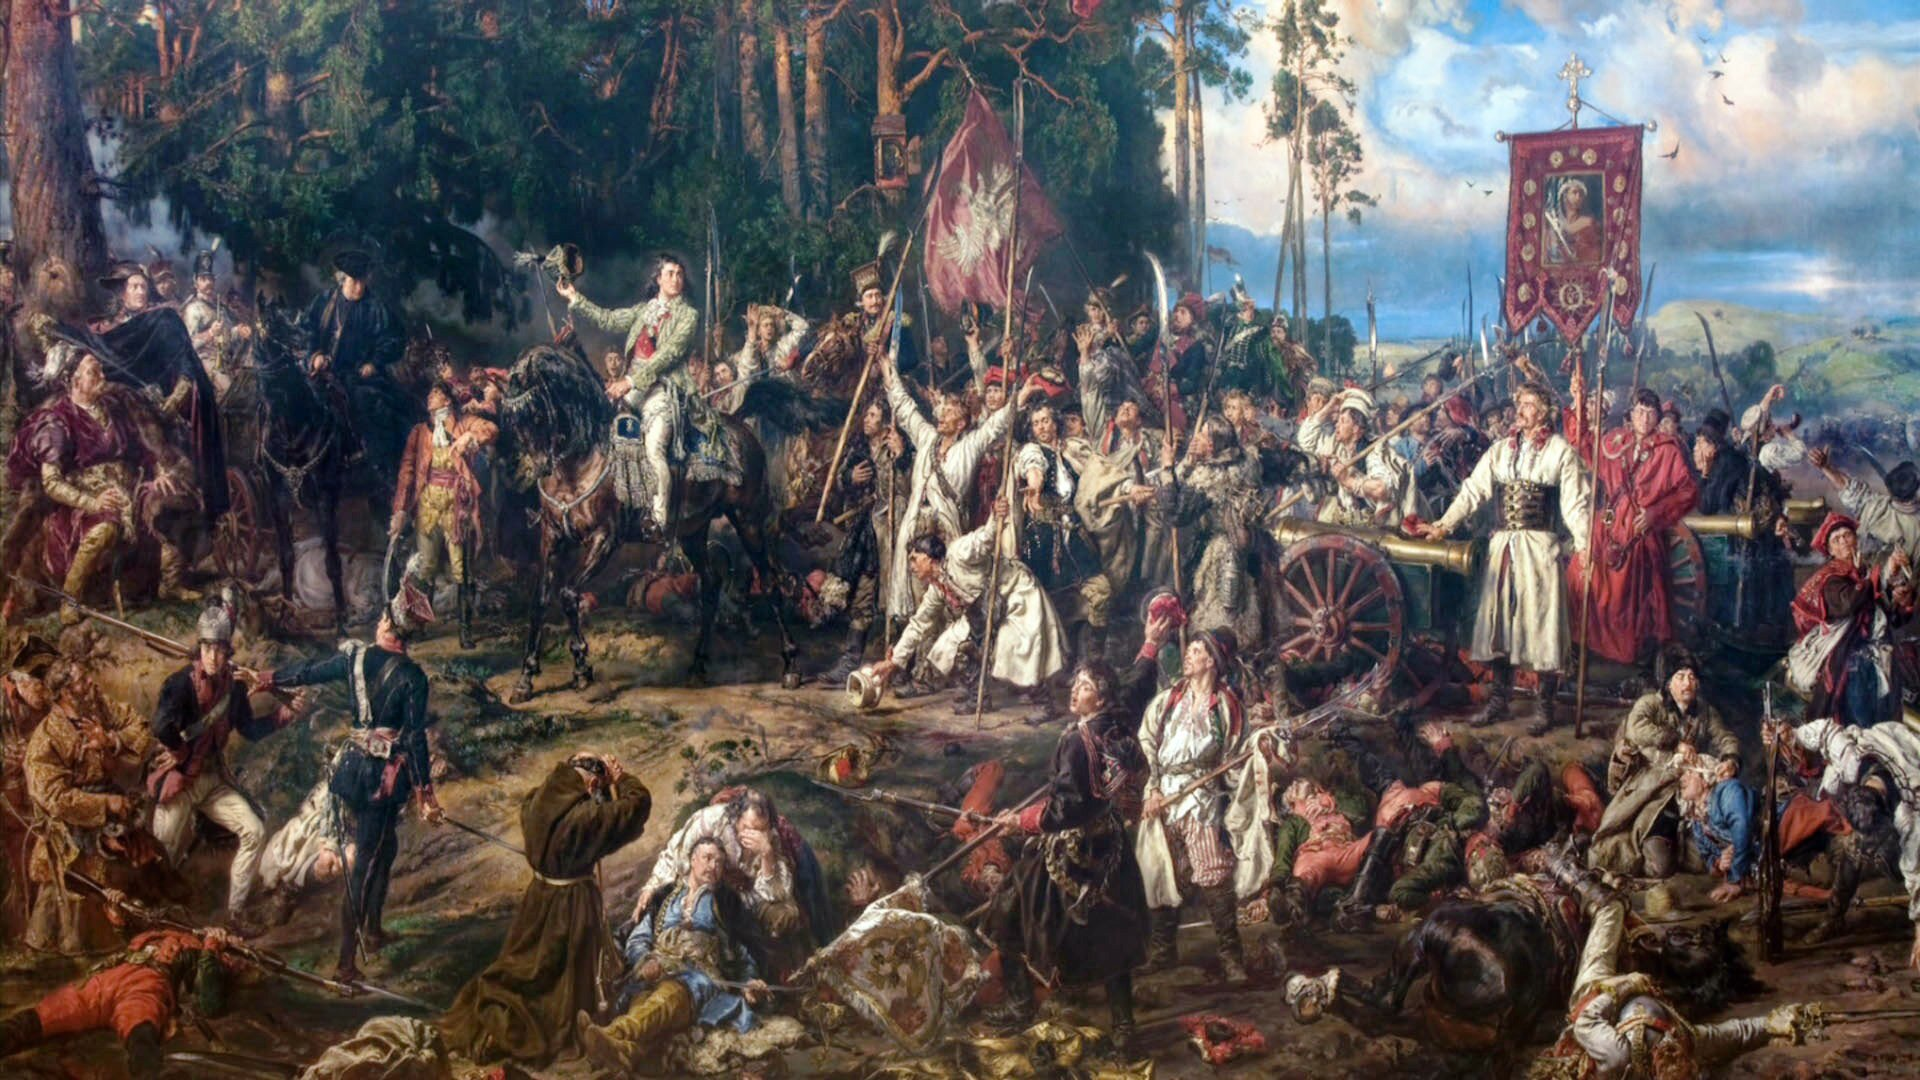 Bitwa pod Racławicami Źródło: Jan Matejko, Bitwa pod Racławicami, 1888, olej na płótnie, domena publiczna.